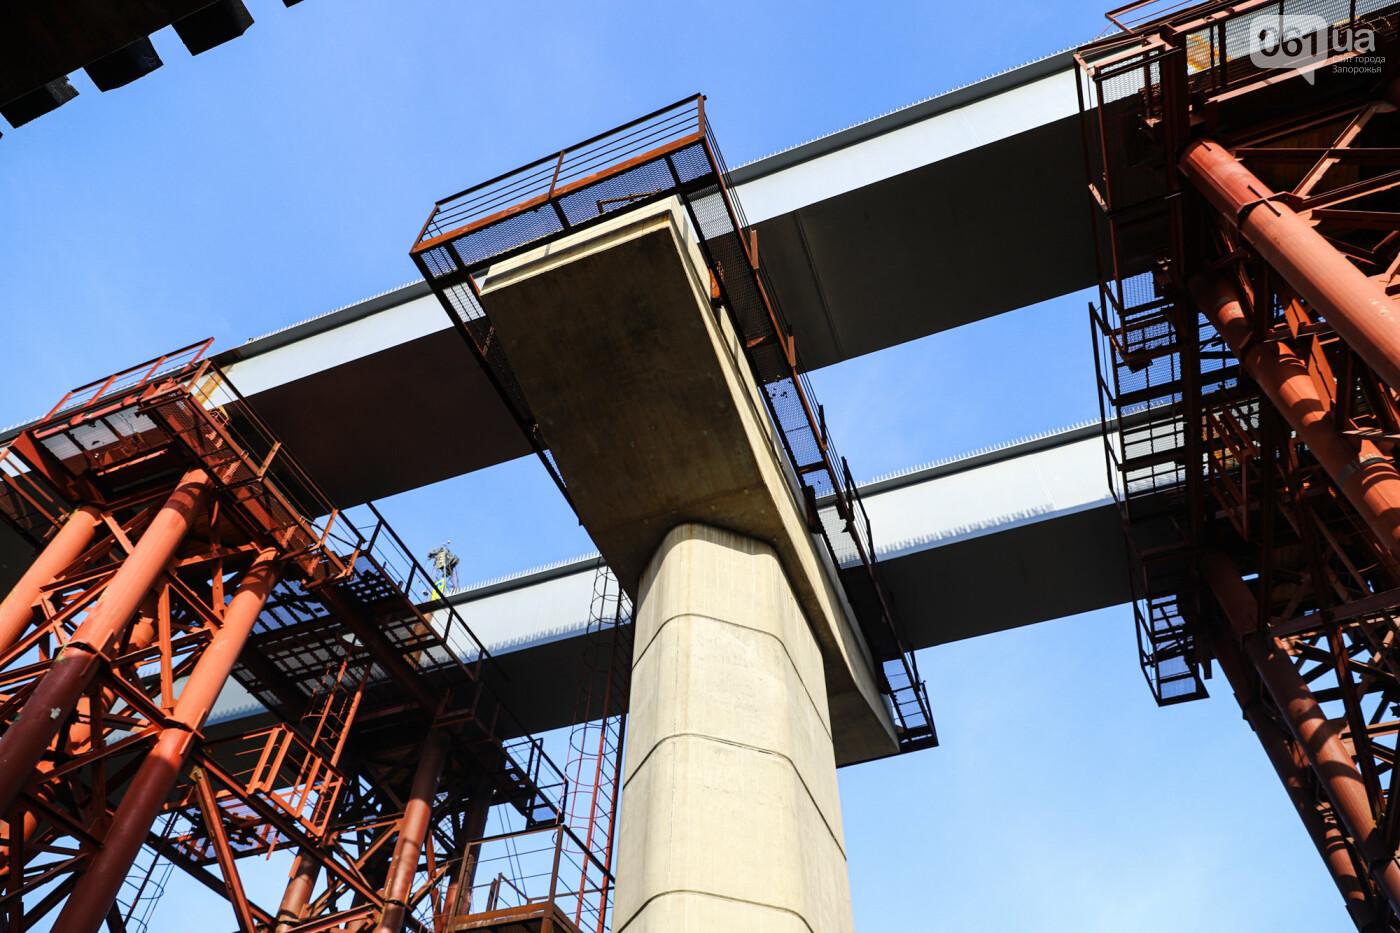 Бабурку соединили с Хортицей: на запорожских мостах смонтировали последнюю балку через старый Днепр, - ФОТО , фото-6